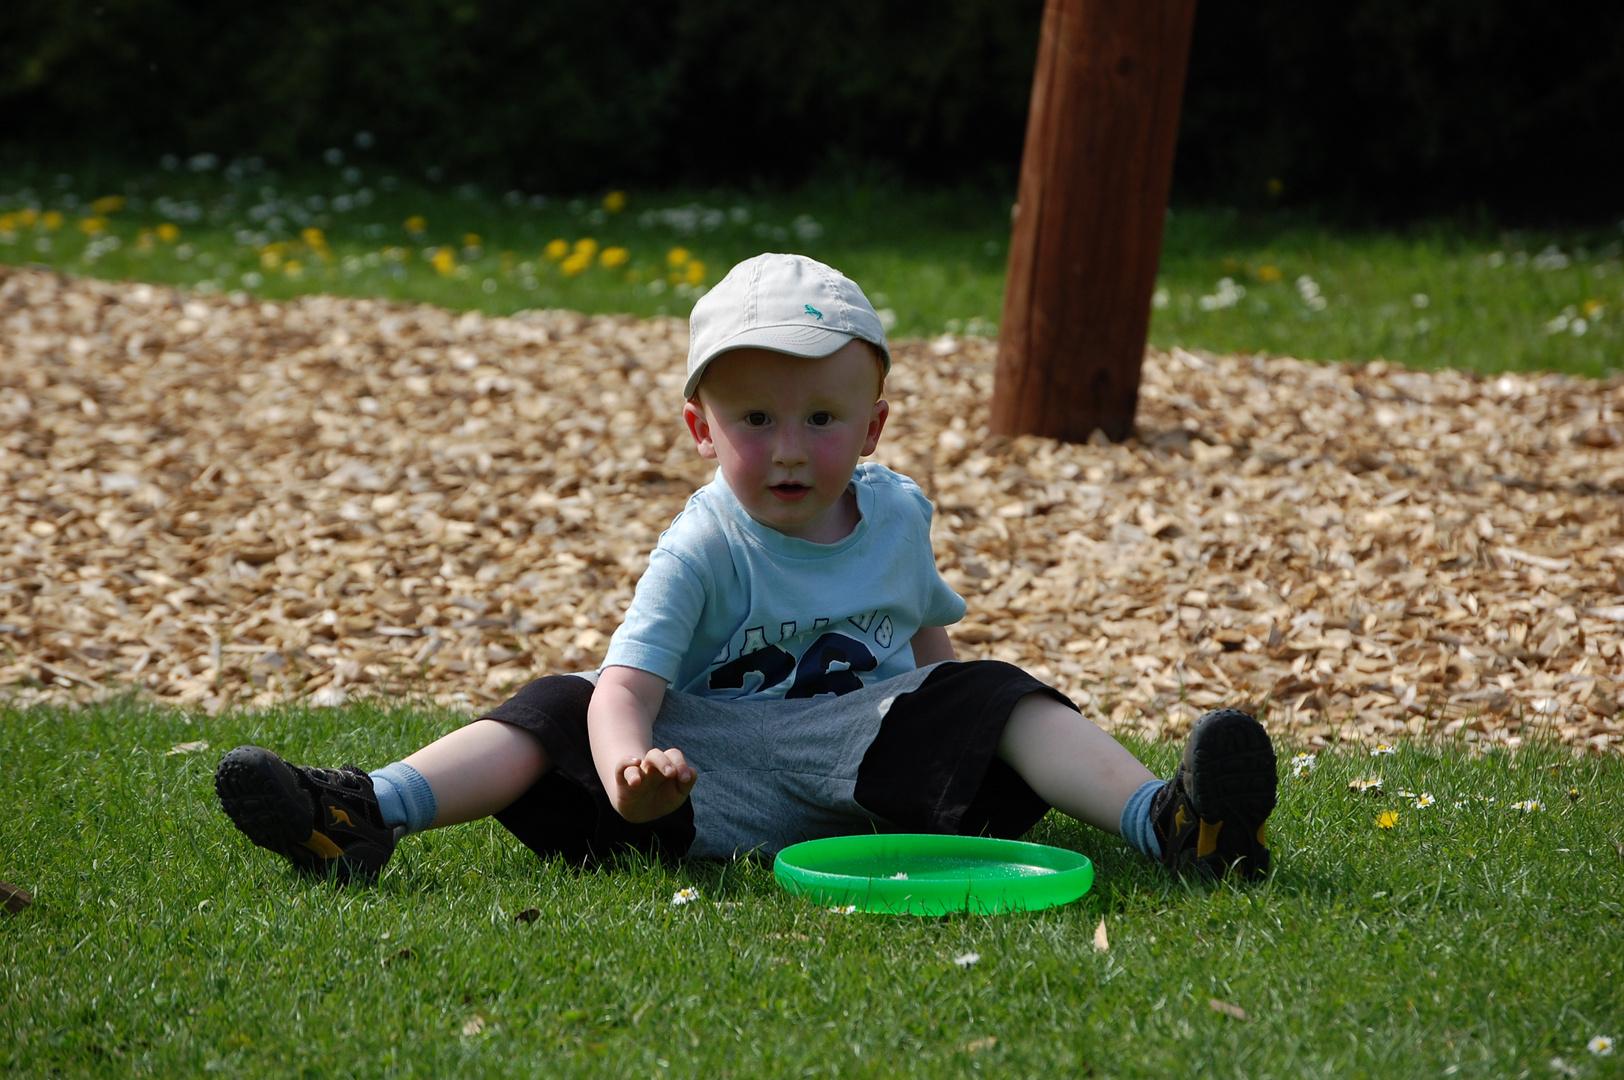 Meine Frisbee und ich